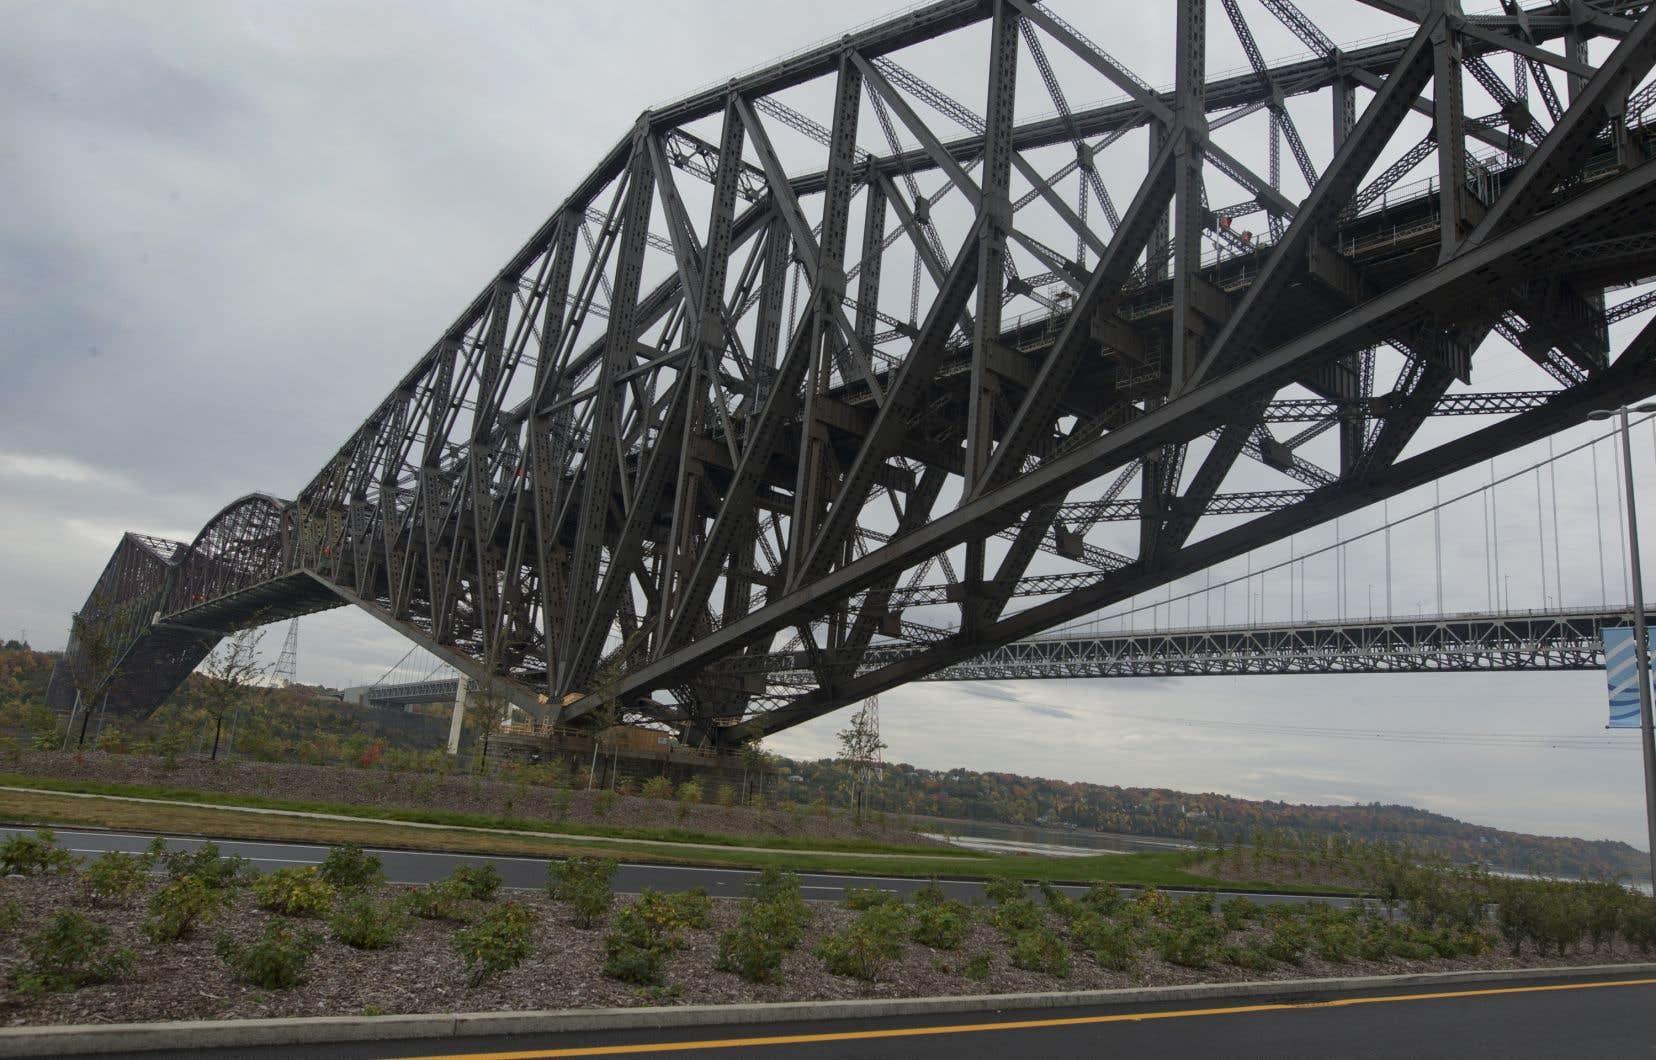 «Comme le Manège militaire, le pont de Québec représente l'âme historique de la capitale nationale du Québec», pense l'auteur.